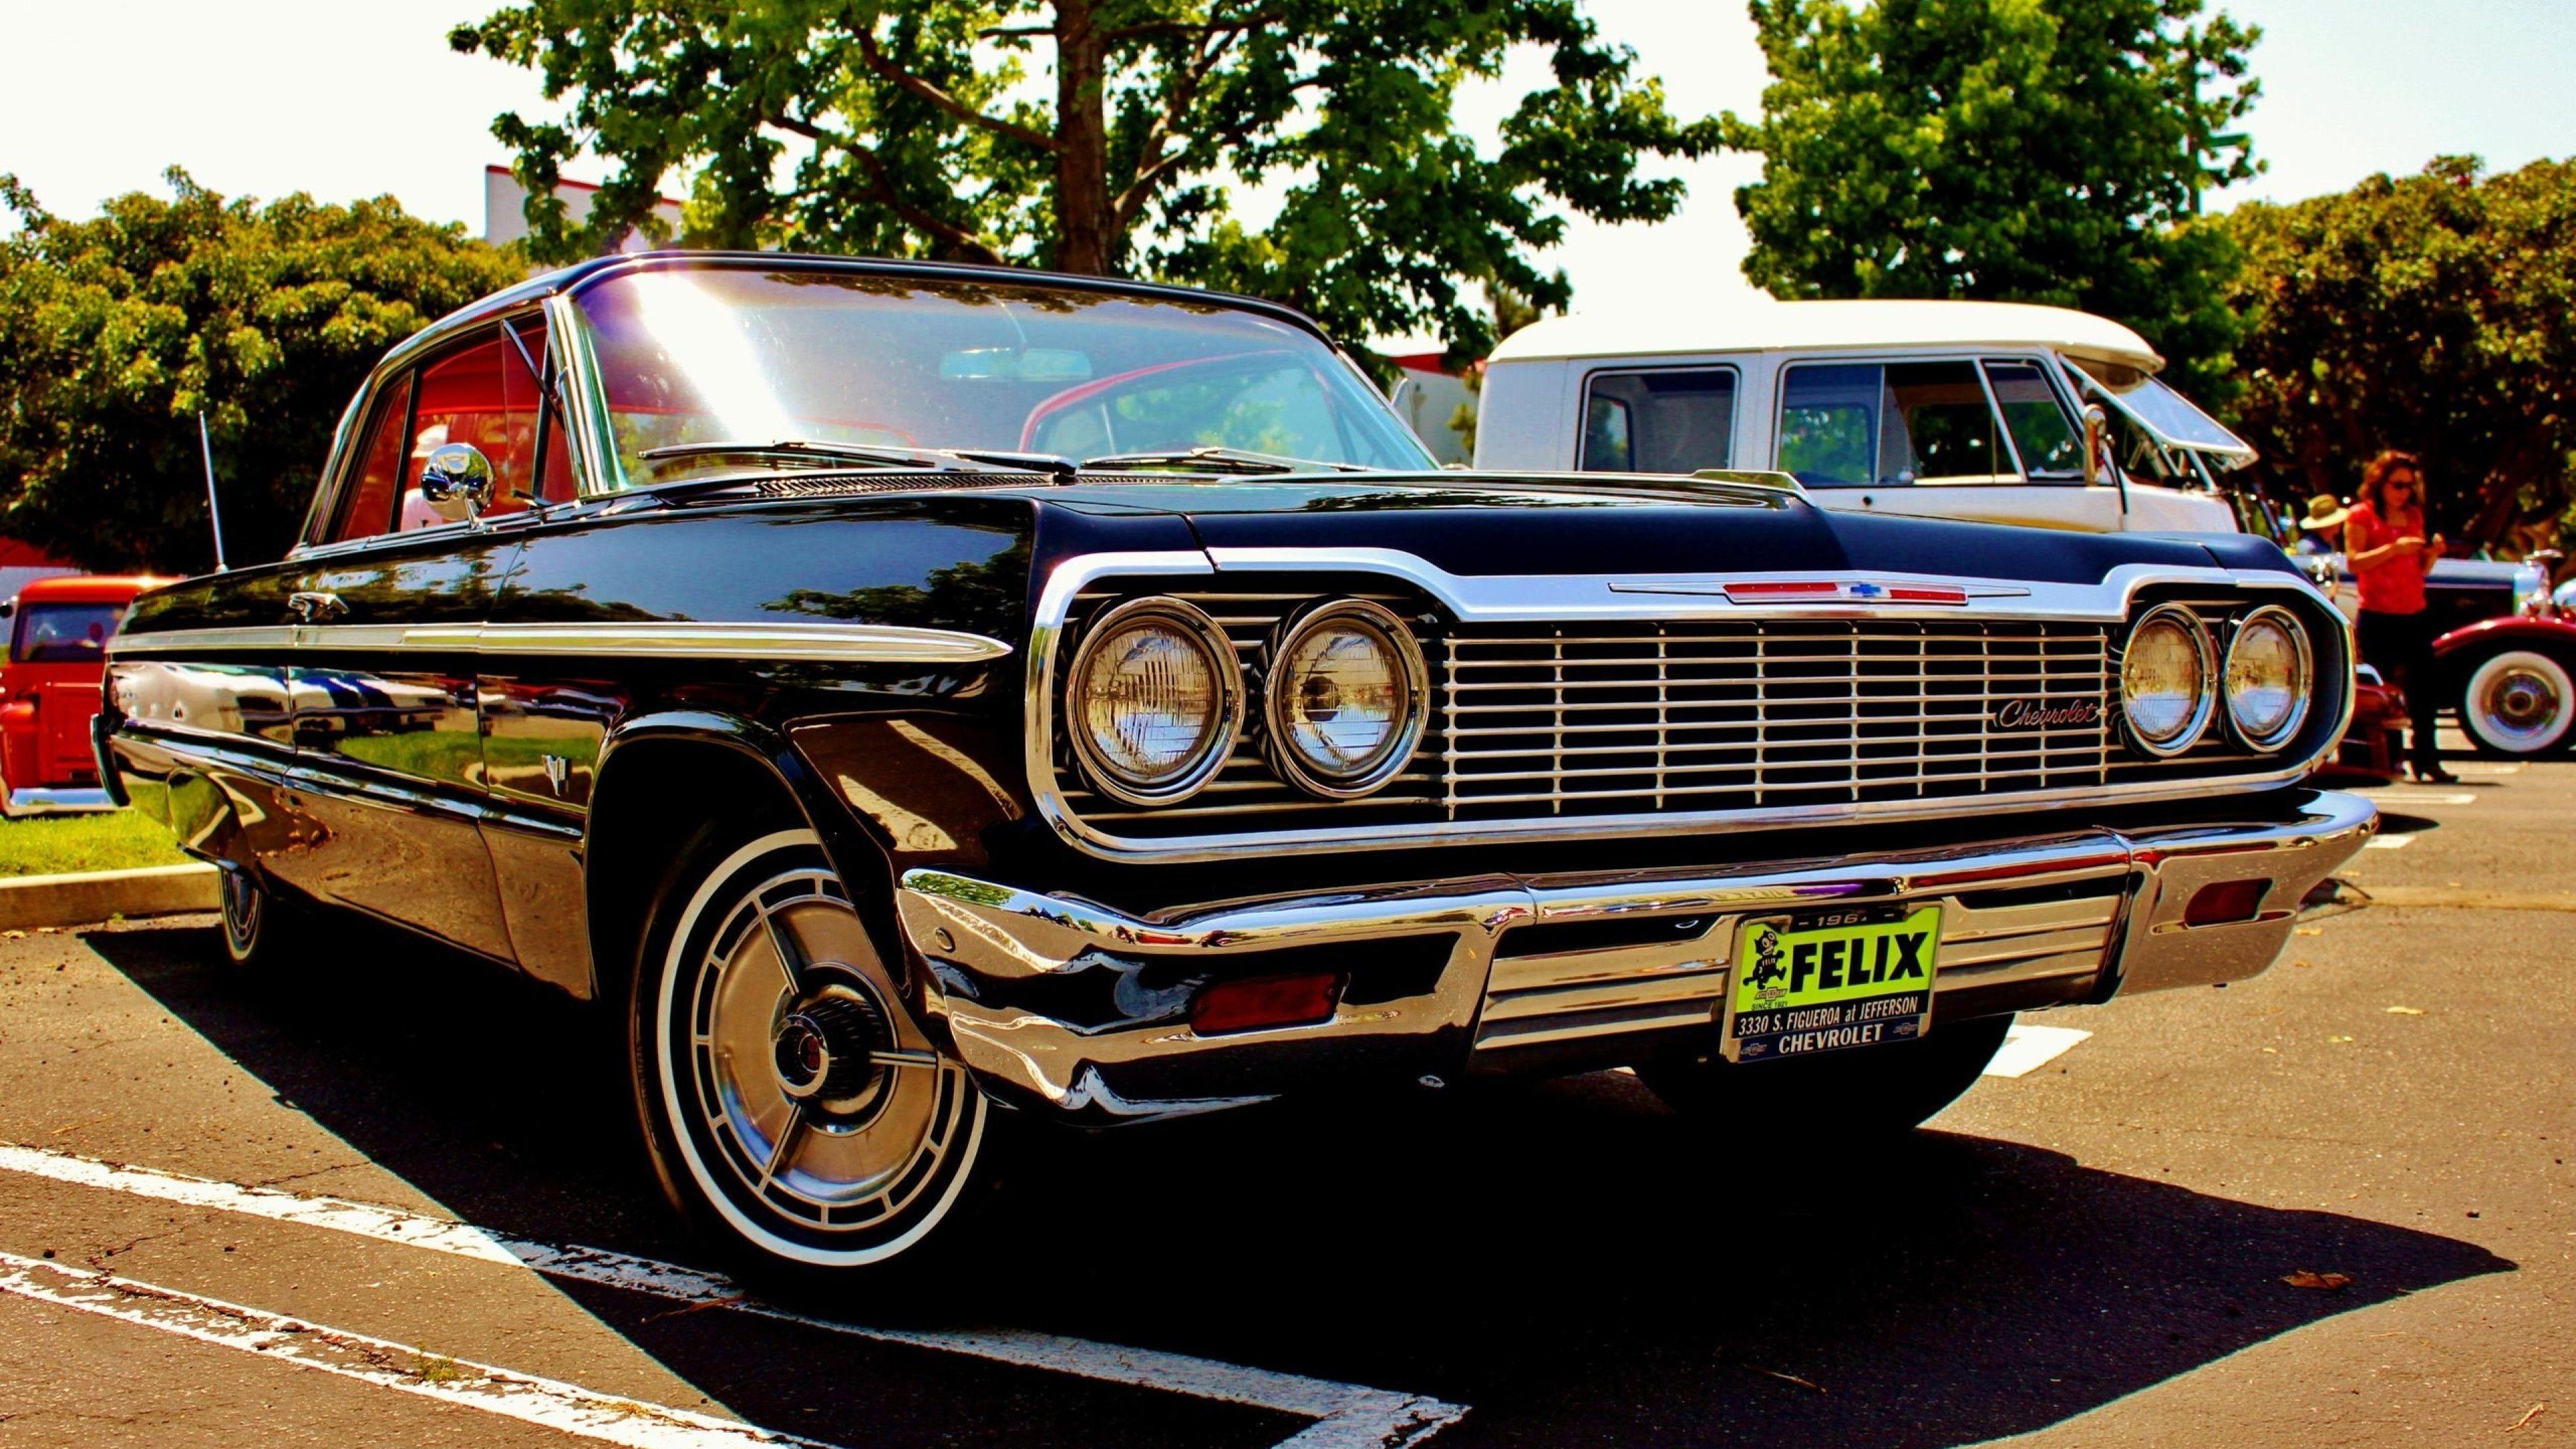 Kelebihan Kekurangan Impala 64 Perbandingan Harga